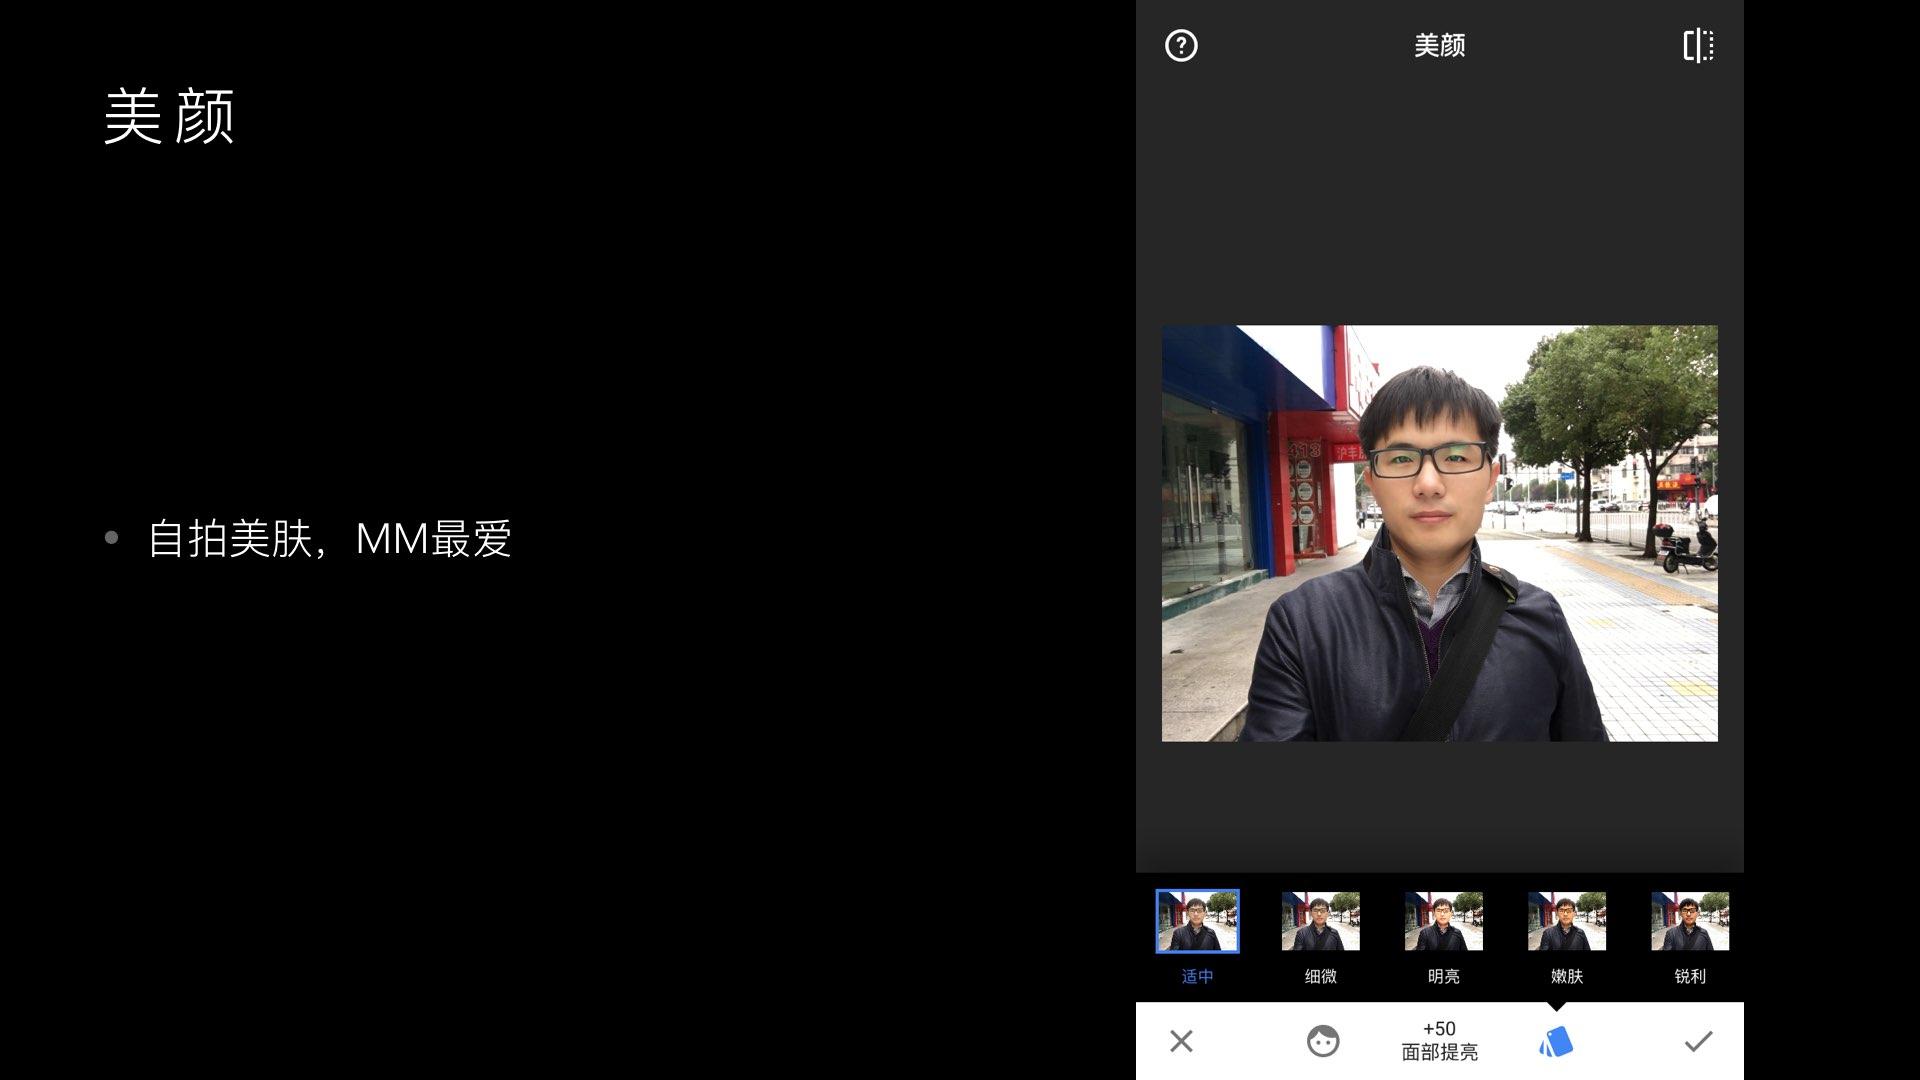 化腐朽为神奇,Snapseed图片编辑教程.034.jpeg